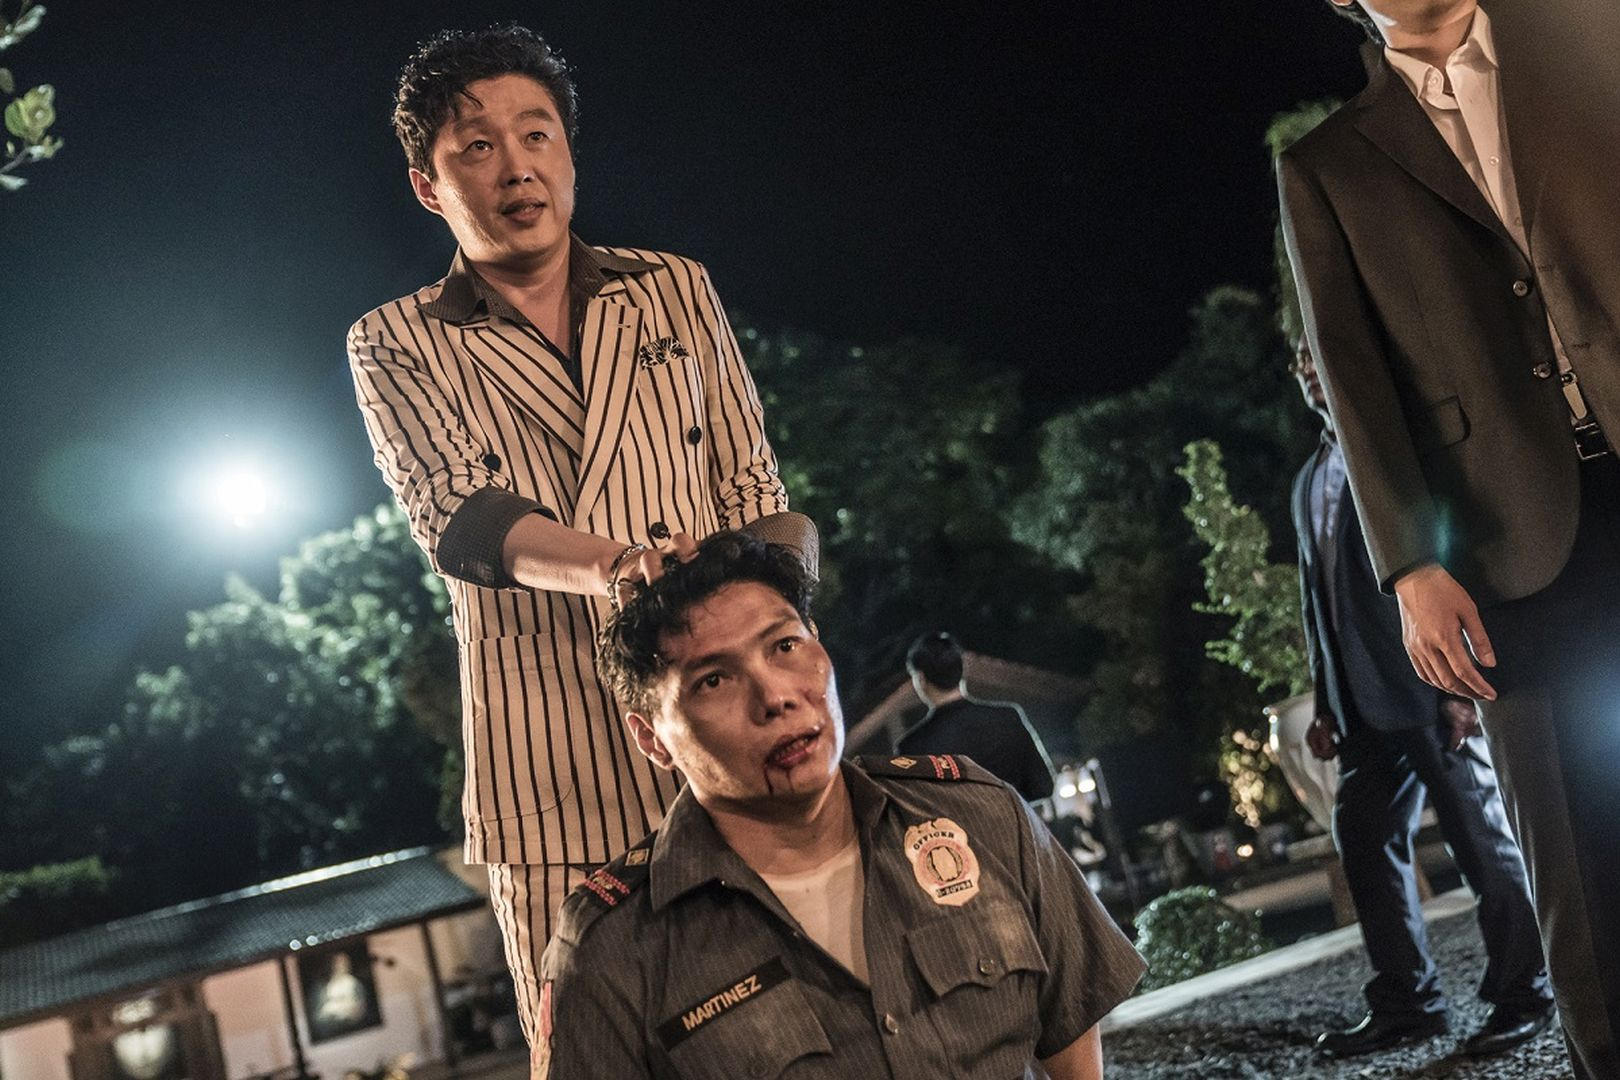 金熙元劇中飾演大反派 是名國際犯罪組織殺手